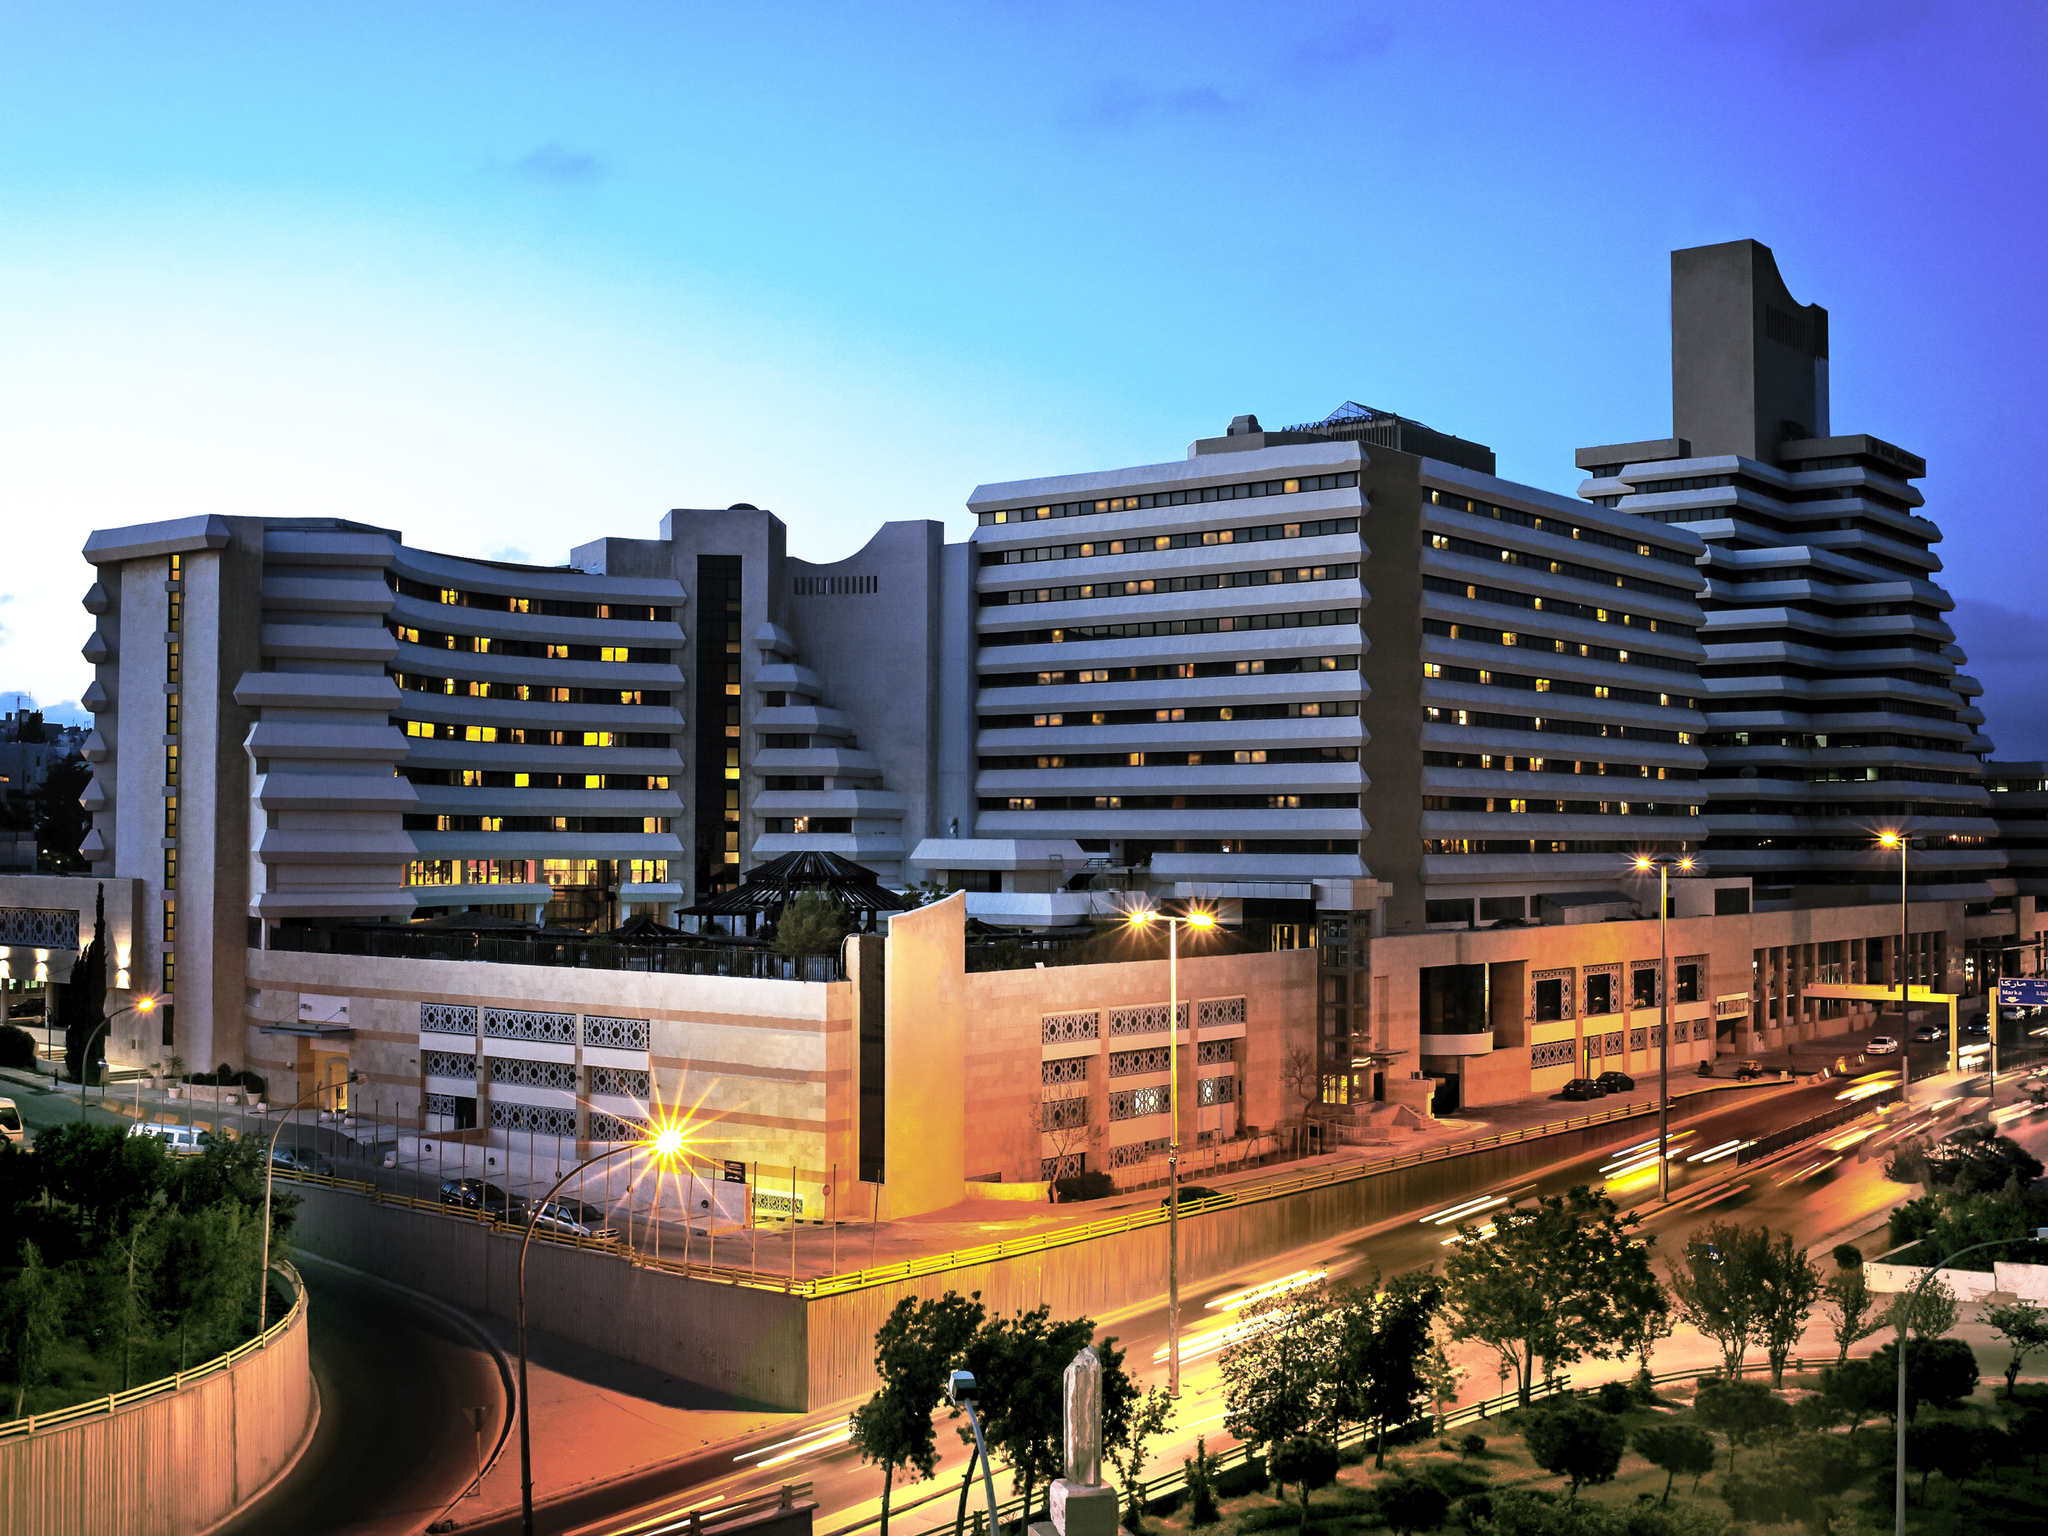 Hôtel - Le Grand Amman - géré par AccorHotels